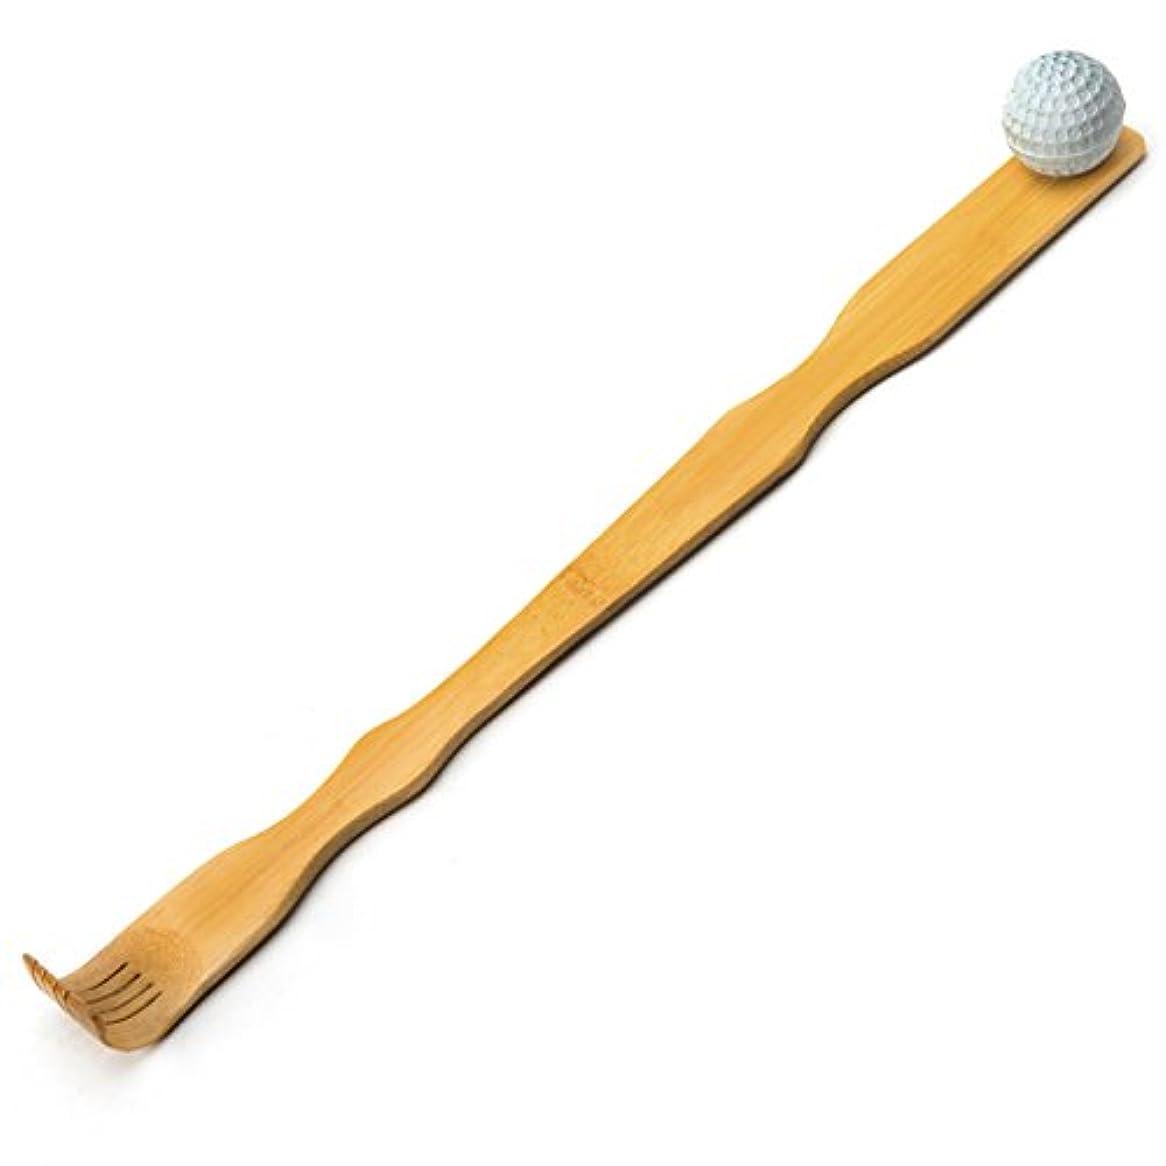 競争強います店主TungSam 竹製孫の手一本 背中かゆみを止め マッサージ用,マッサージボール付き